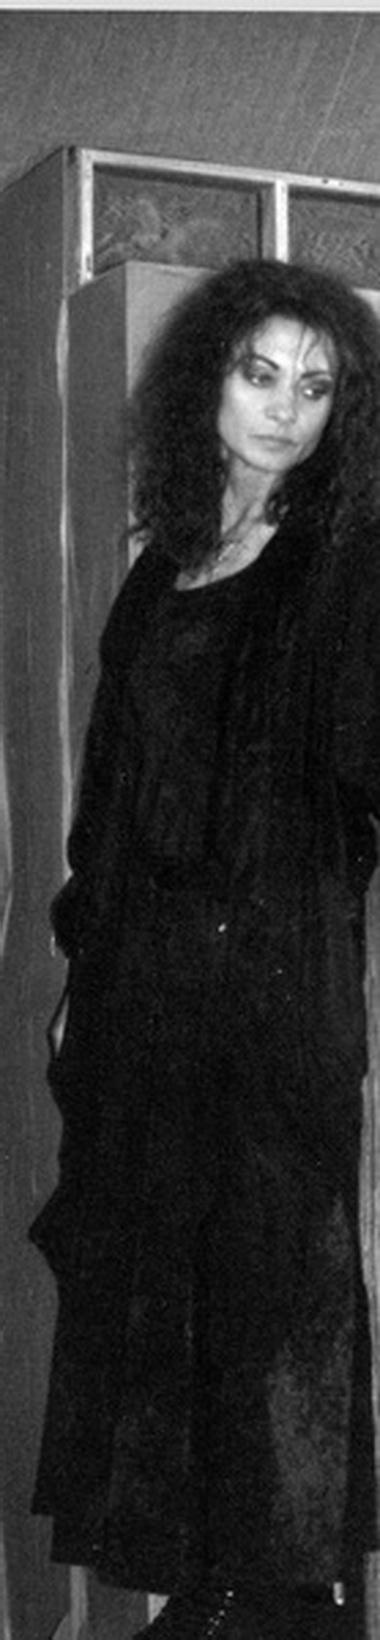 И.Брике (Тереза Ракен). Фото из архива театра